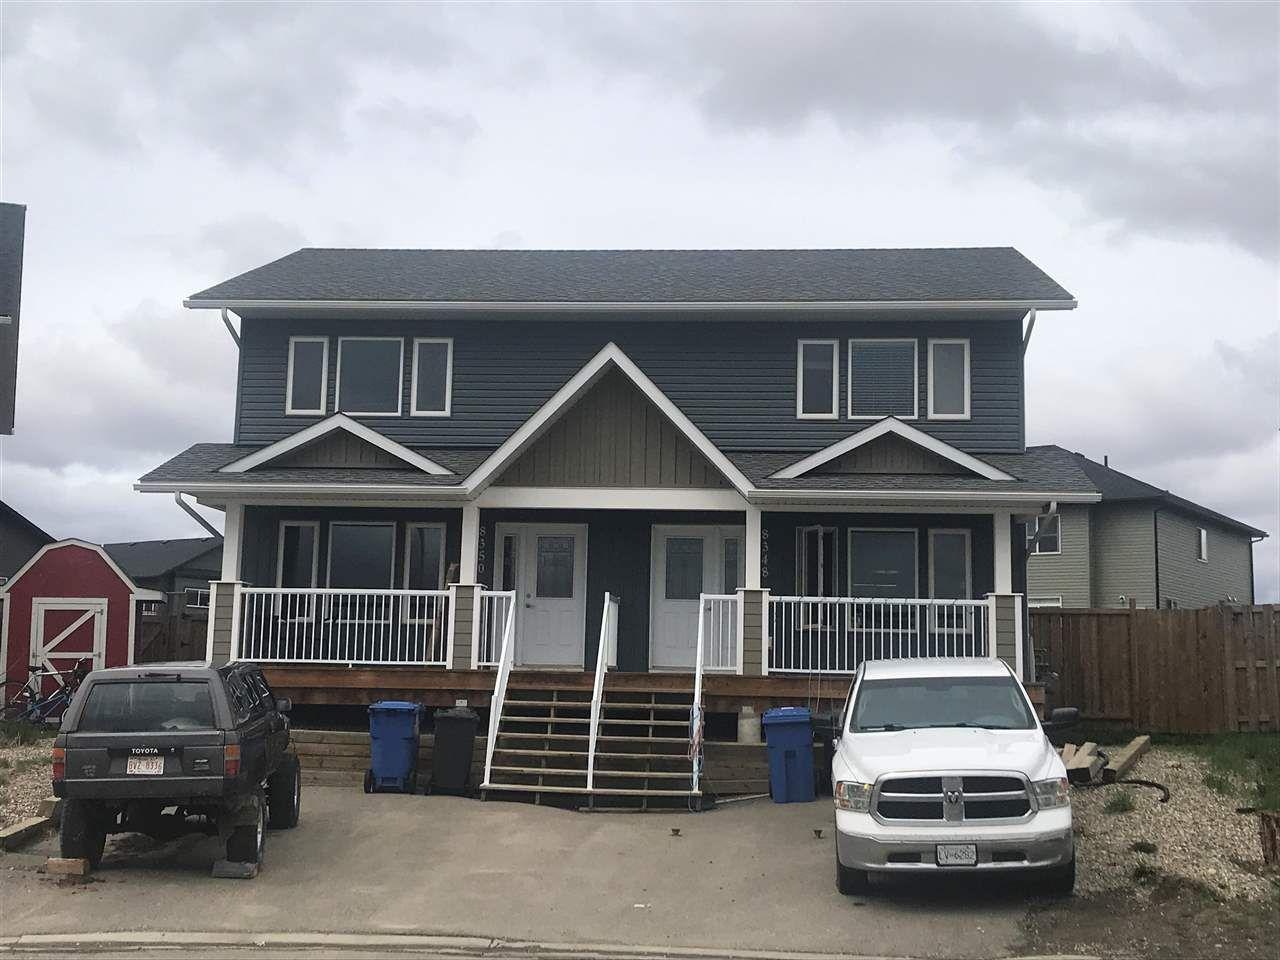 Main Photo: 8348 87 Avenue in Fort St. John: Fort St. John - City SE 1/2 Duplex for sale (Fort St. John (Zone 60))  : MLS®# R2581736